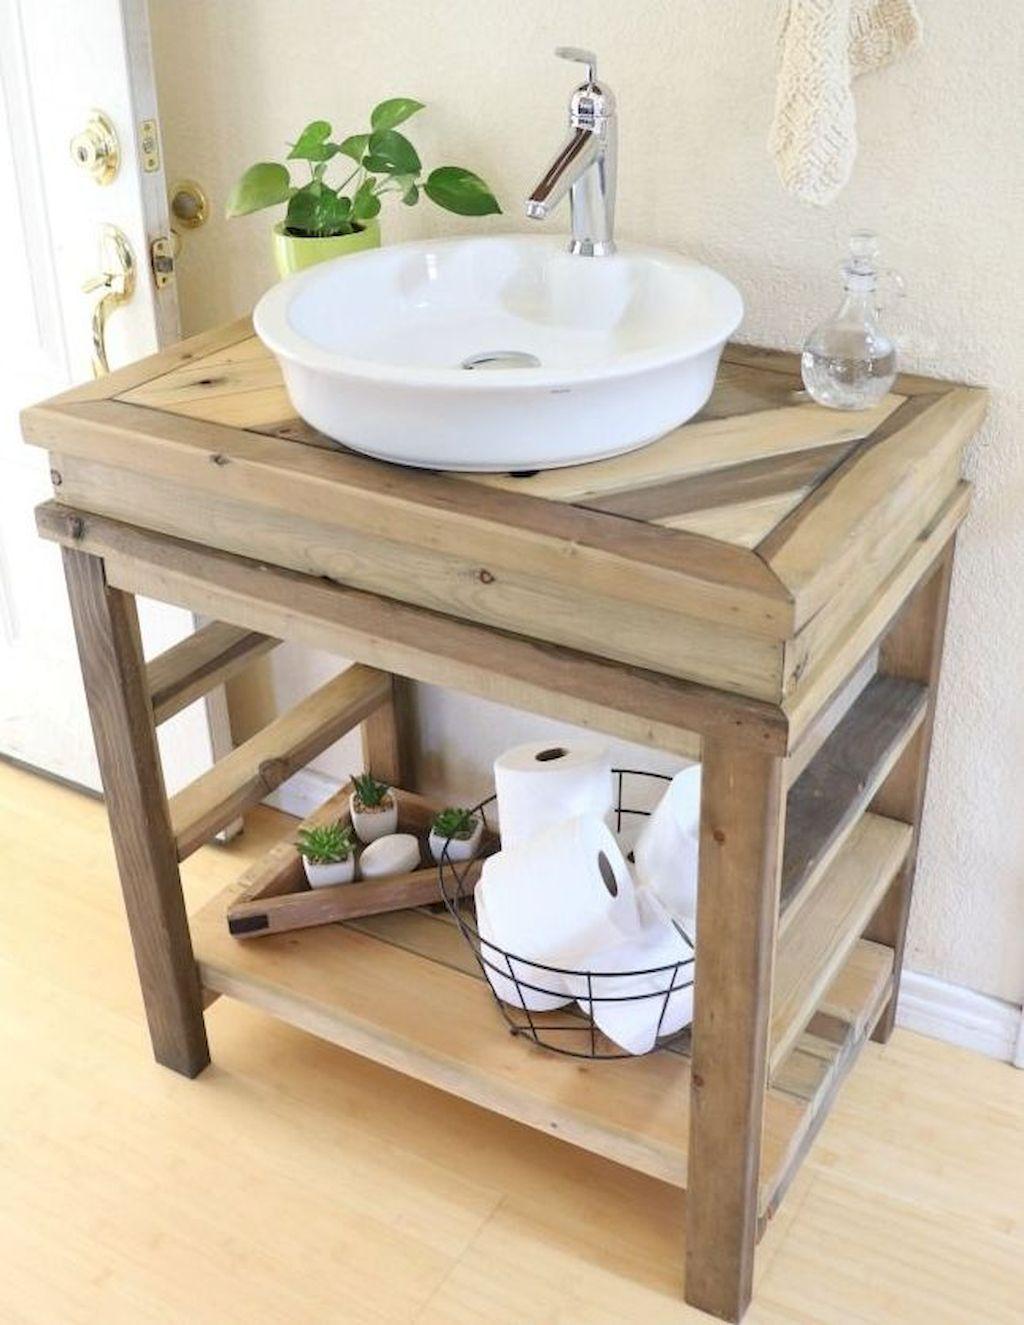 90 Amazing Farmhouse Bathroom Vanity Decor Ideas Wood Bathroom Vanity Small Bathroom Vanities Bathroom Vanity Remodel [ 1325 x 1024 Pixel ]